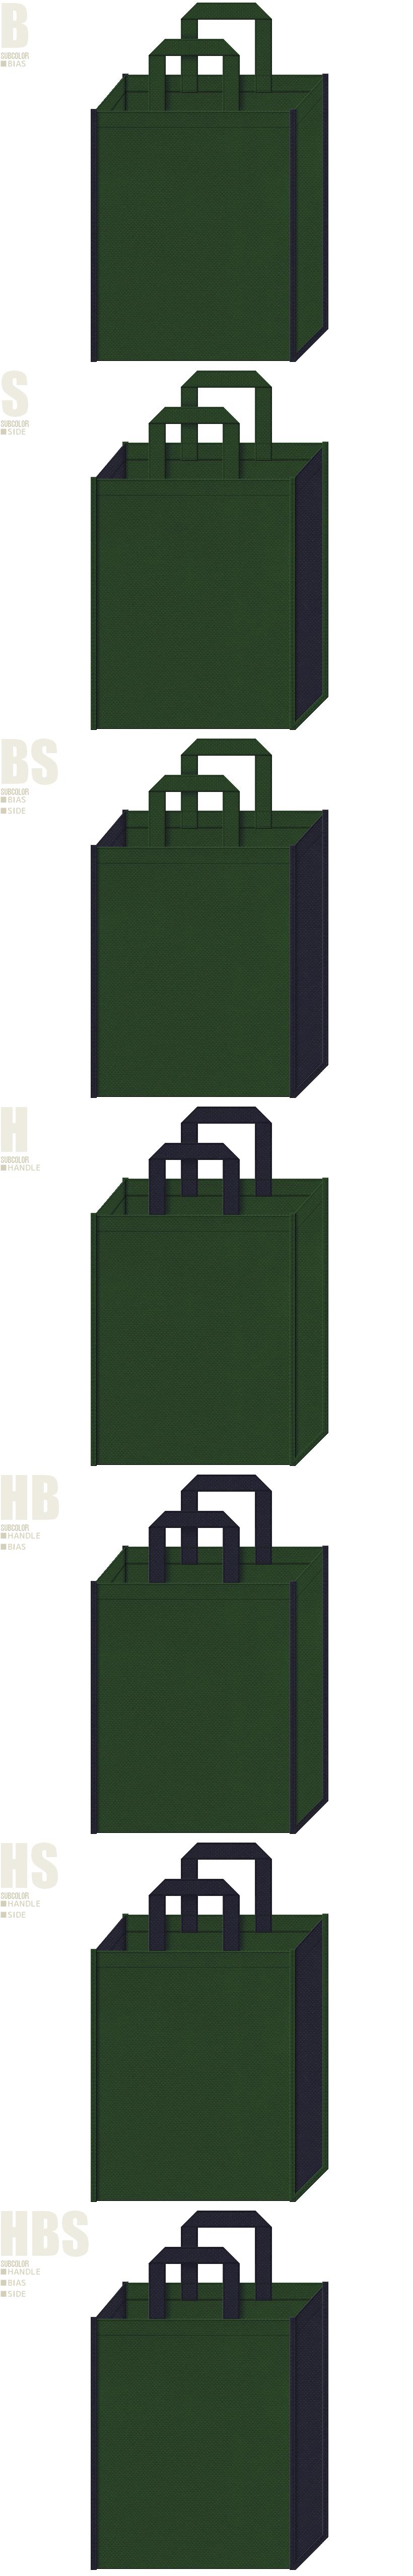 メンズ衣料・メンズアクセサリー・メンズ商品の展示会用バッグにお奨めの不織布バッグデザイン:濃緑色と濃紺色の配色7パターン